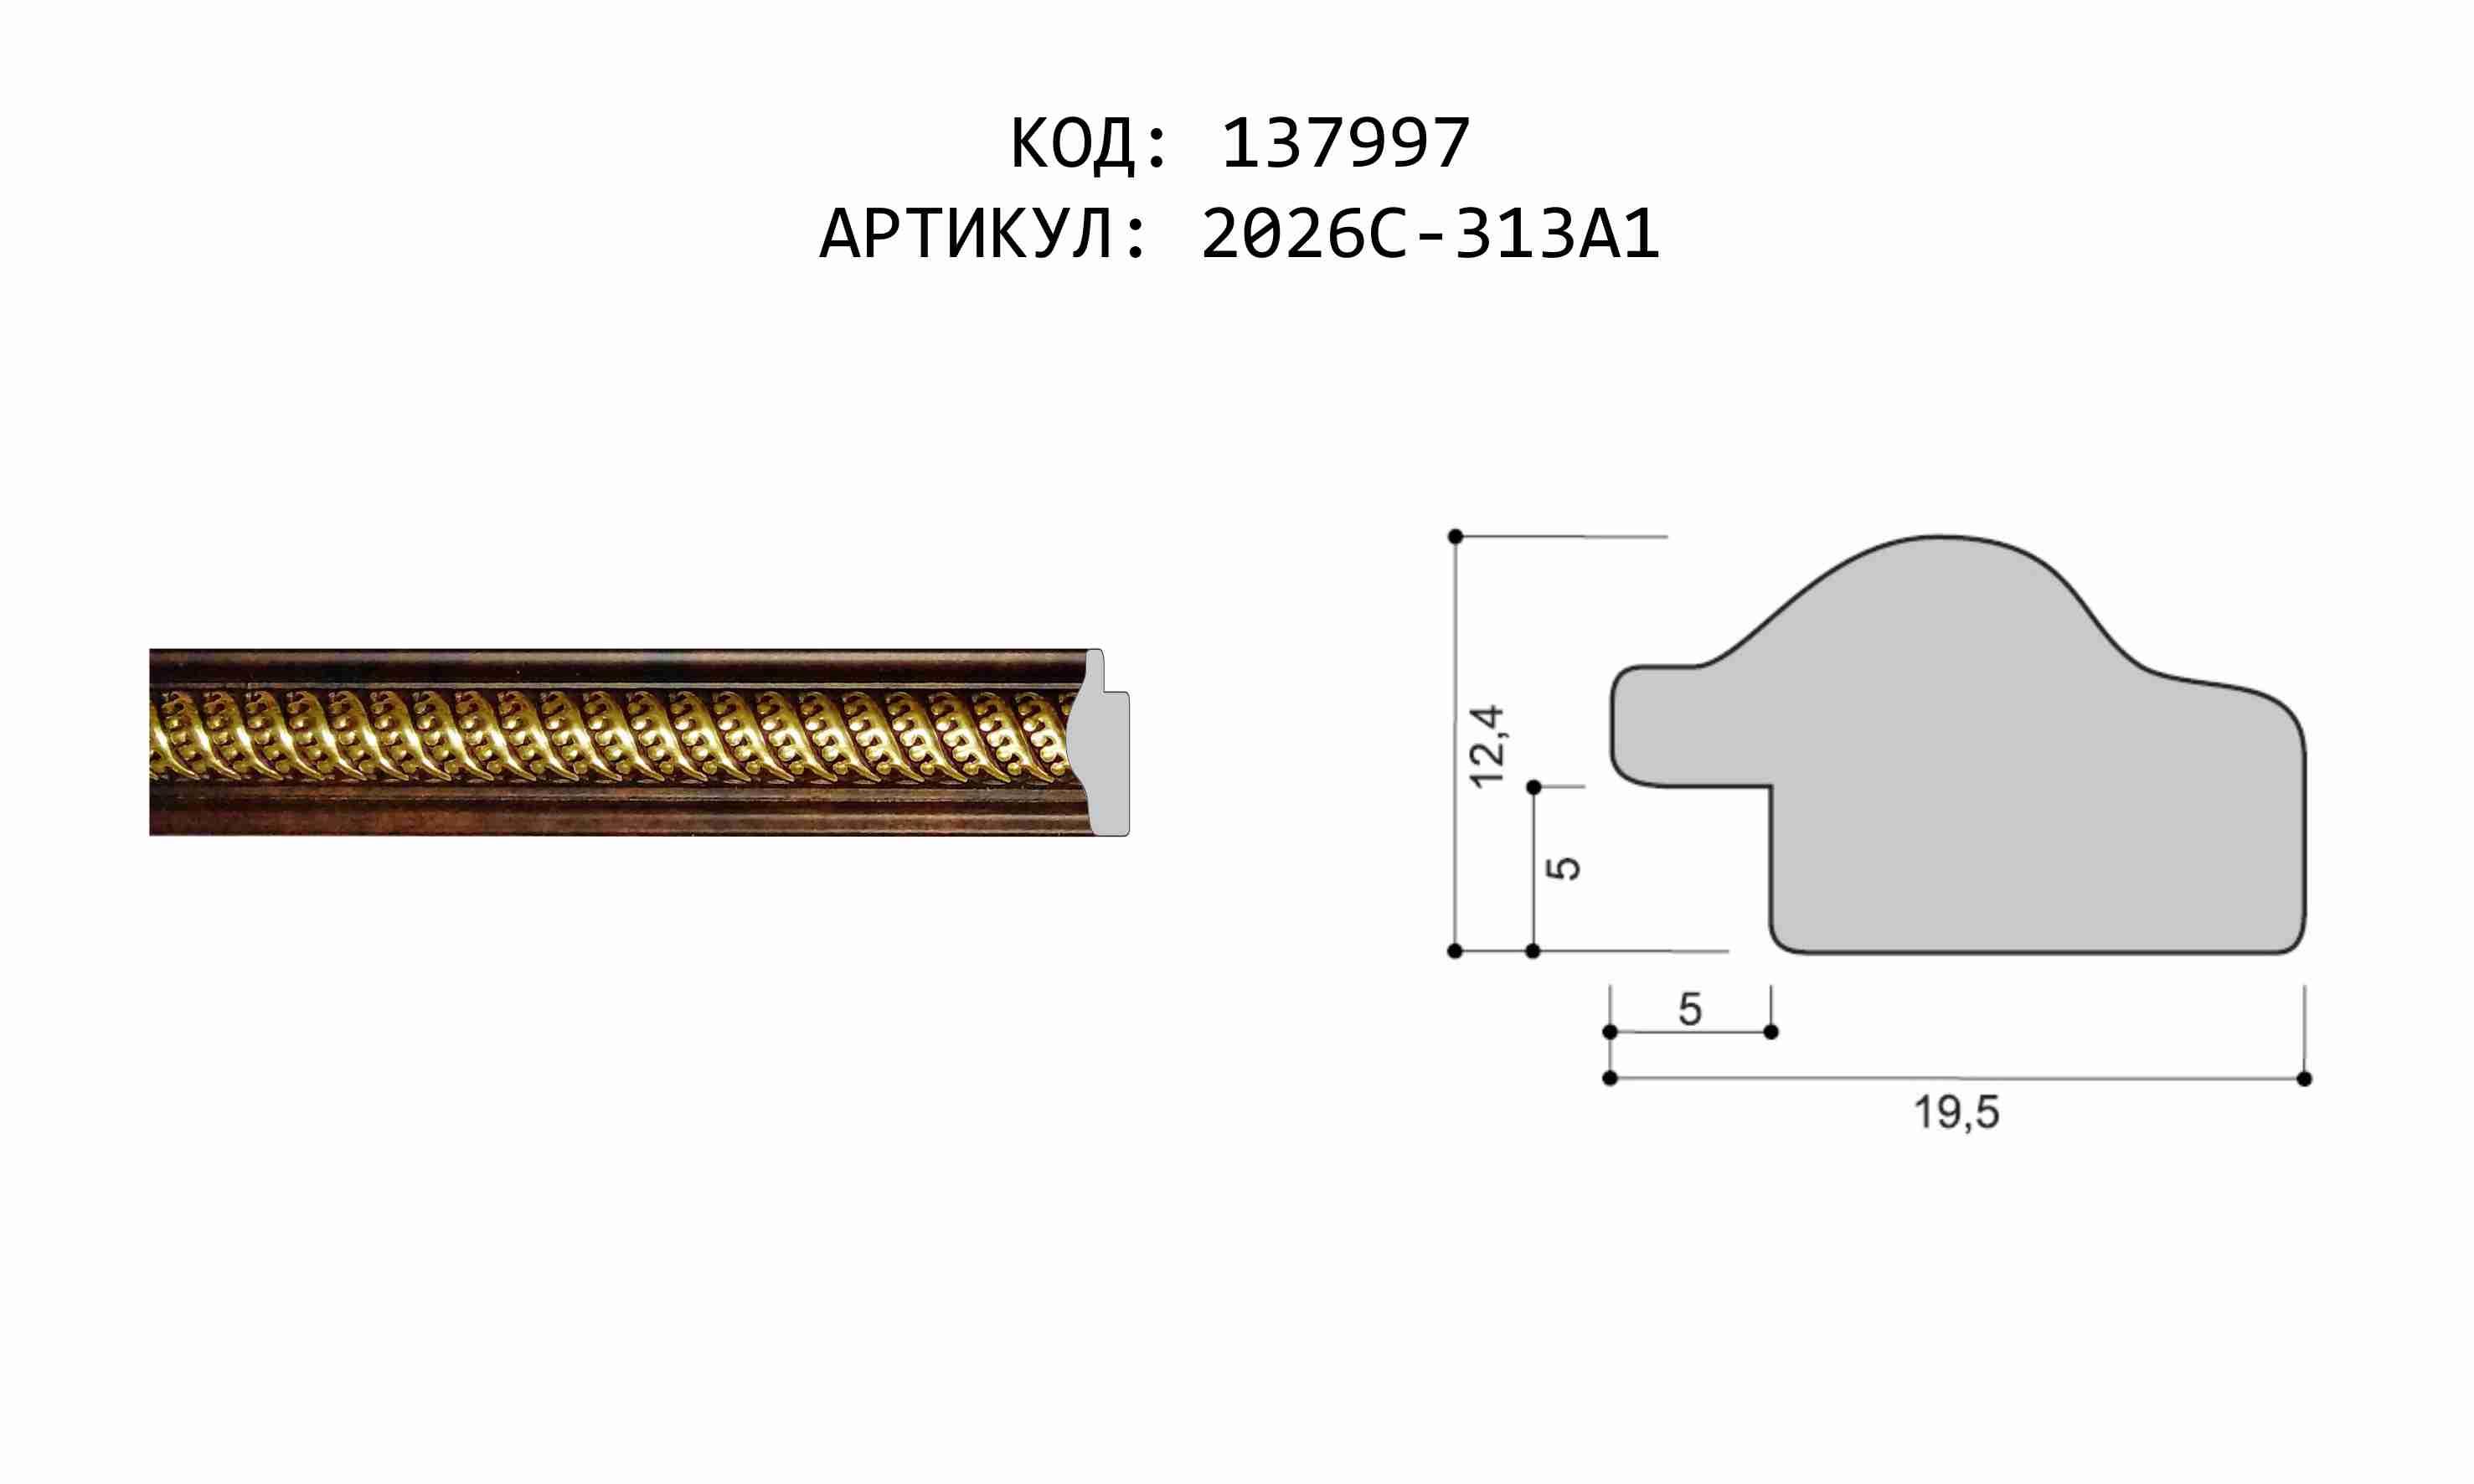 Артикул: 2026C-313A1